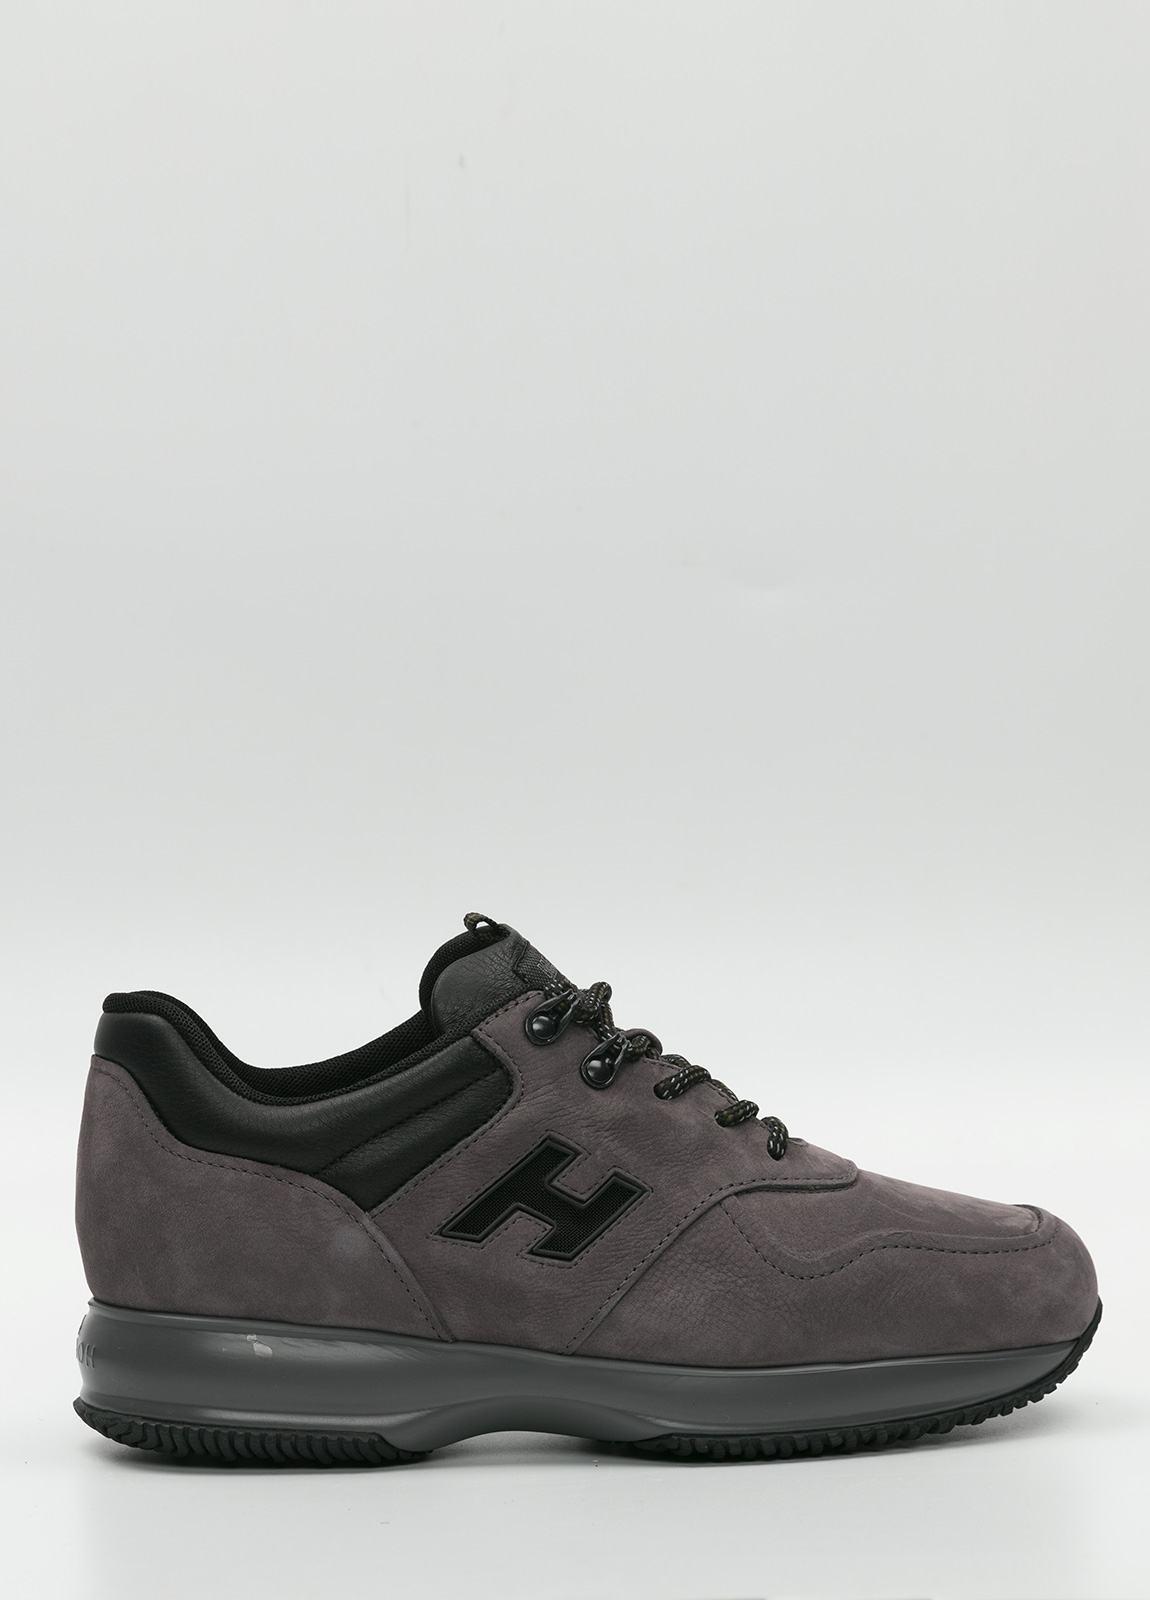 Calzado sport color gris. Combinación de piel y ante.